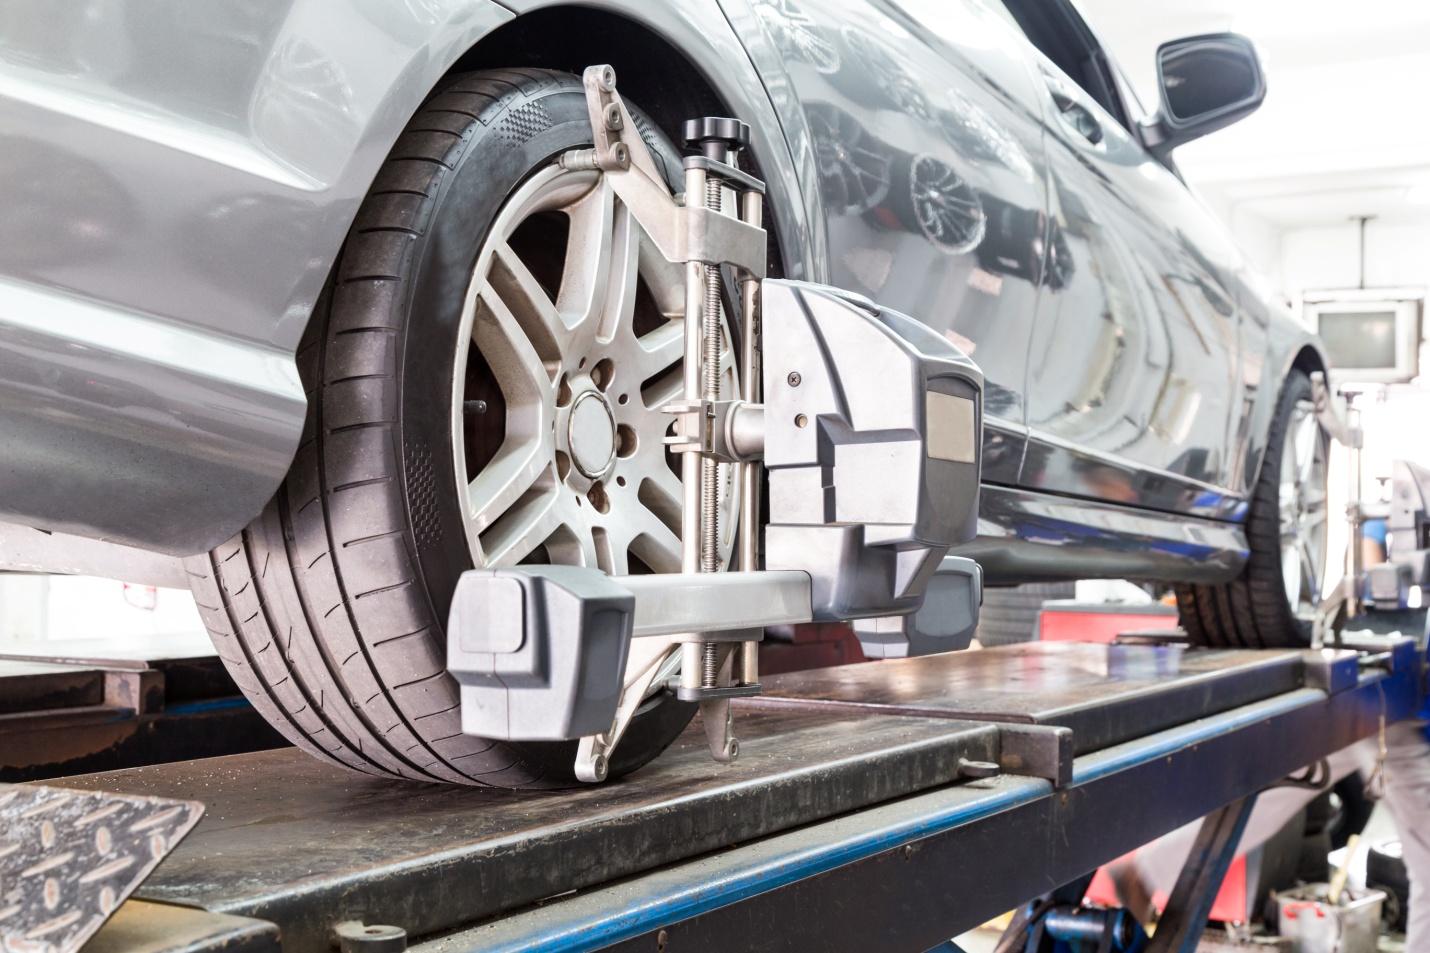 Alignement des roues: ce qu'il faut savoir pour bien conseiller les clients